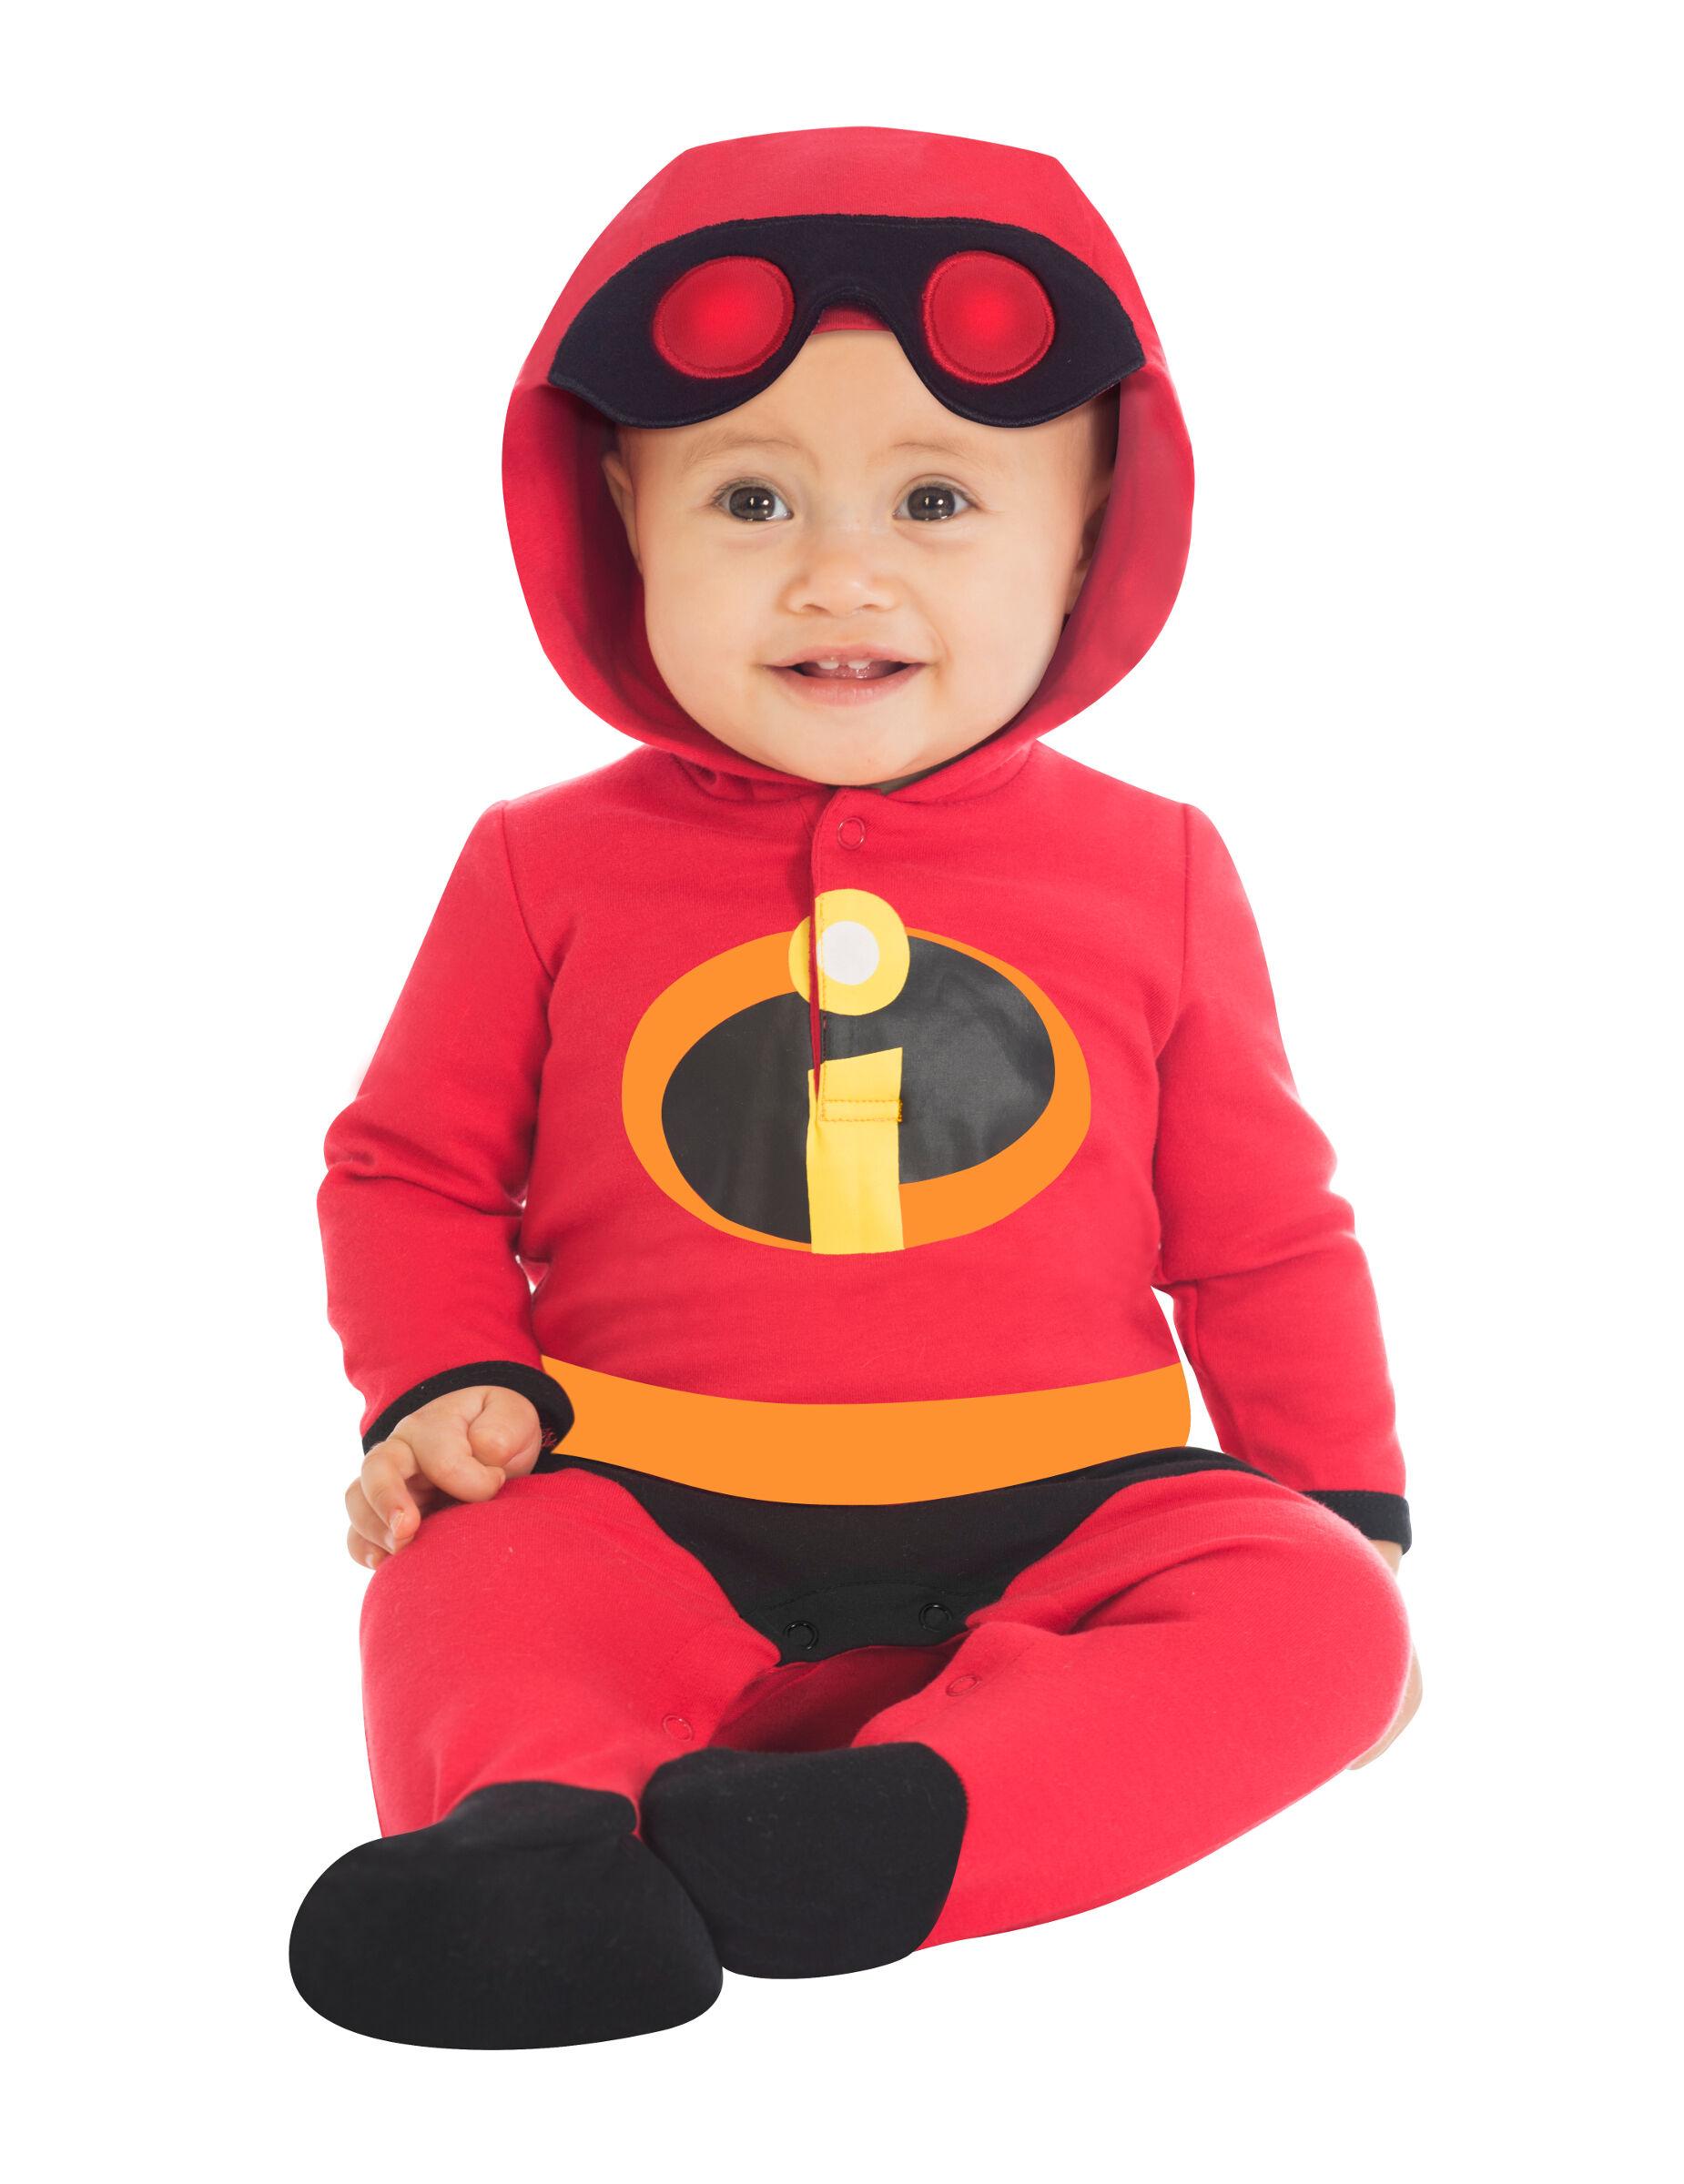 Deguisetoi Déguisement bébé Jack Jack Les indestructibles - Taille: 0 à 3 mois